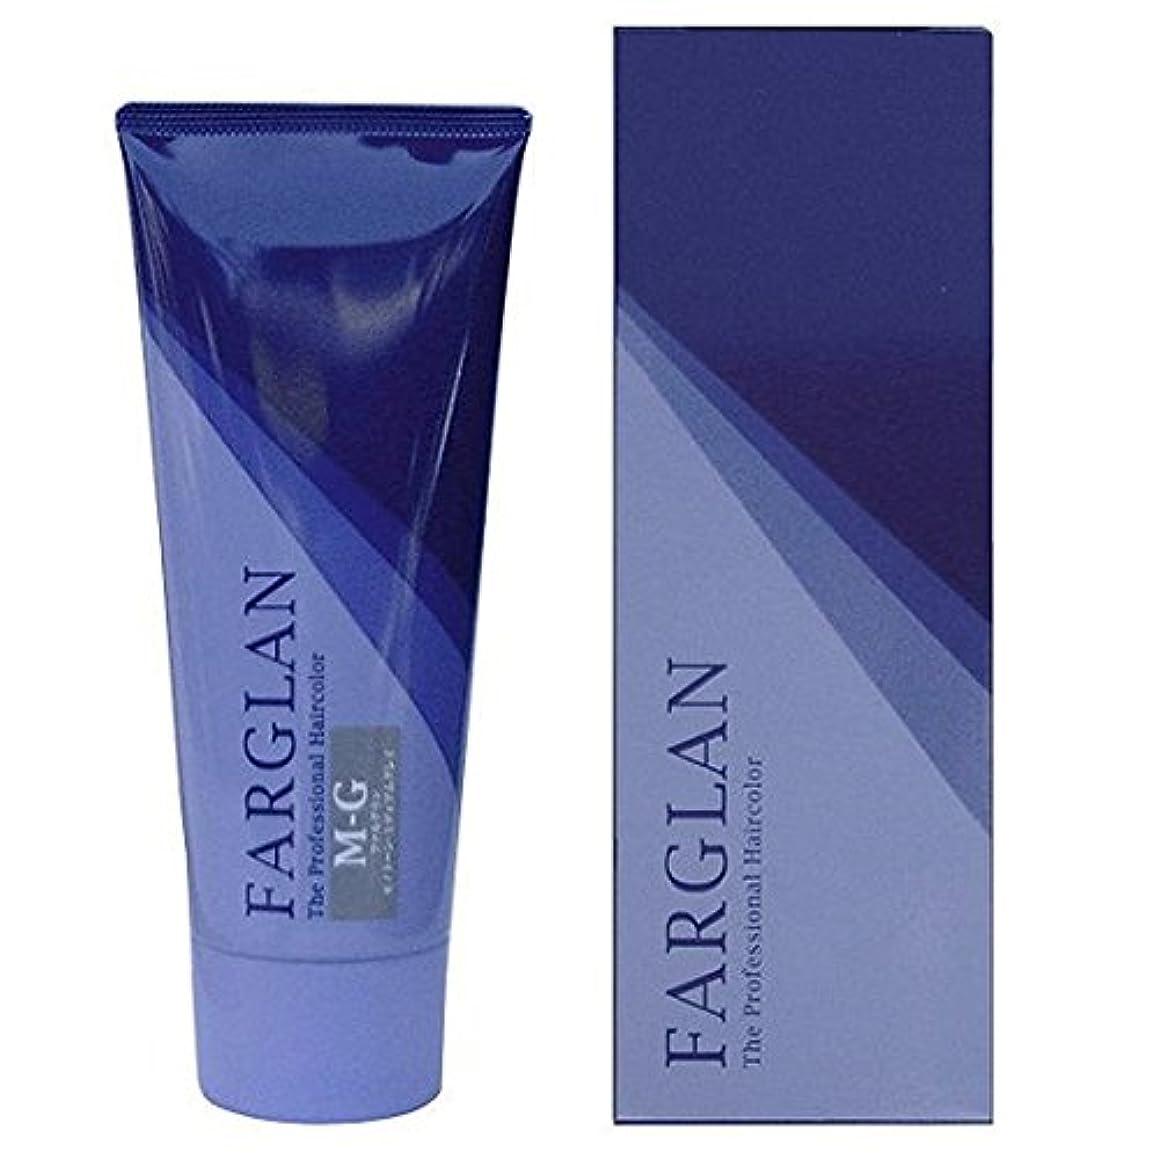 強度除外する枯渇FARGLAN(ファルグラン) ヘアカラー P-P(Pale-Purple) 160g